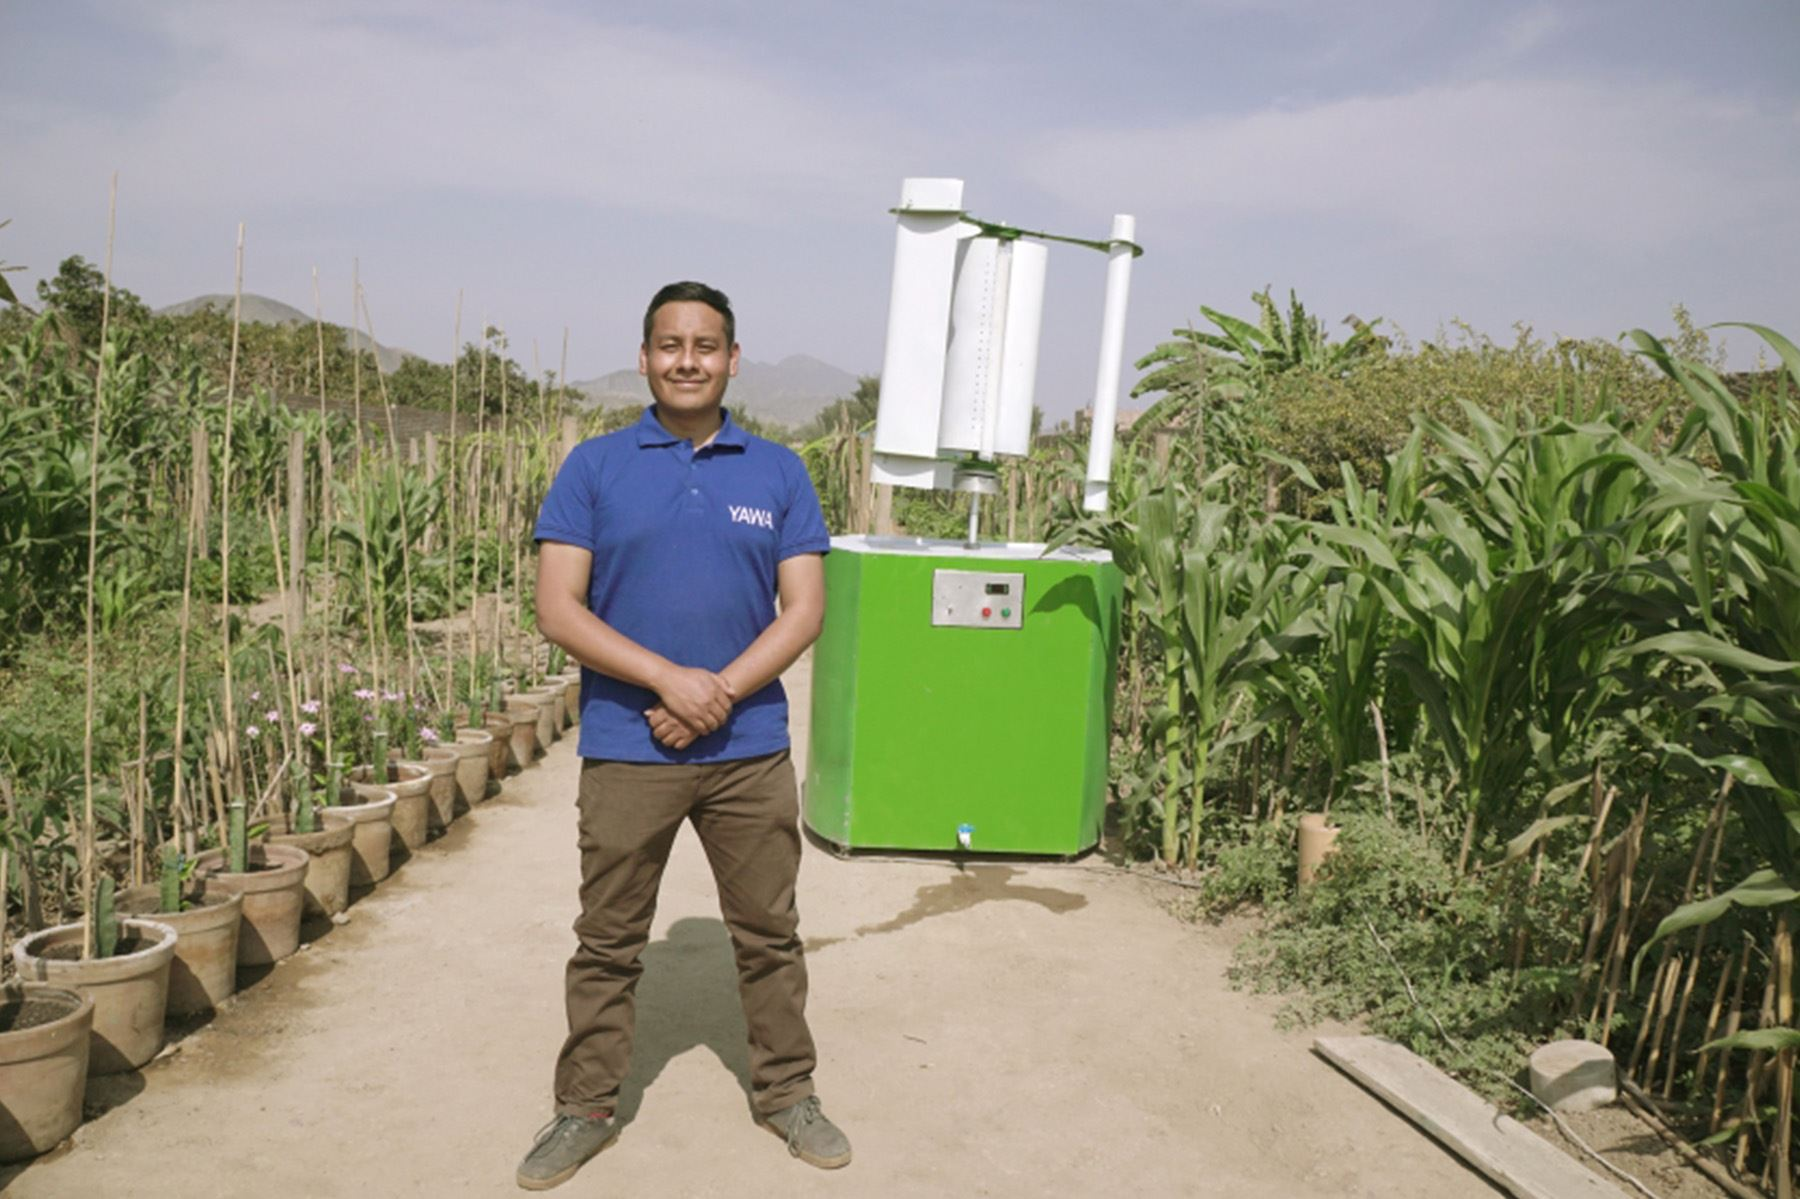 Por América Latina y el Caribe el ganador fue el peruano Max Hidalgo Quinto (30 años), fundador de Yawa, proyecto que busca generar agua potable mediante una tecnología sostenible. (Foto: UNEP)